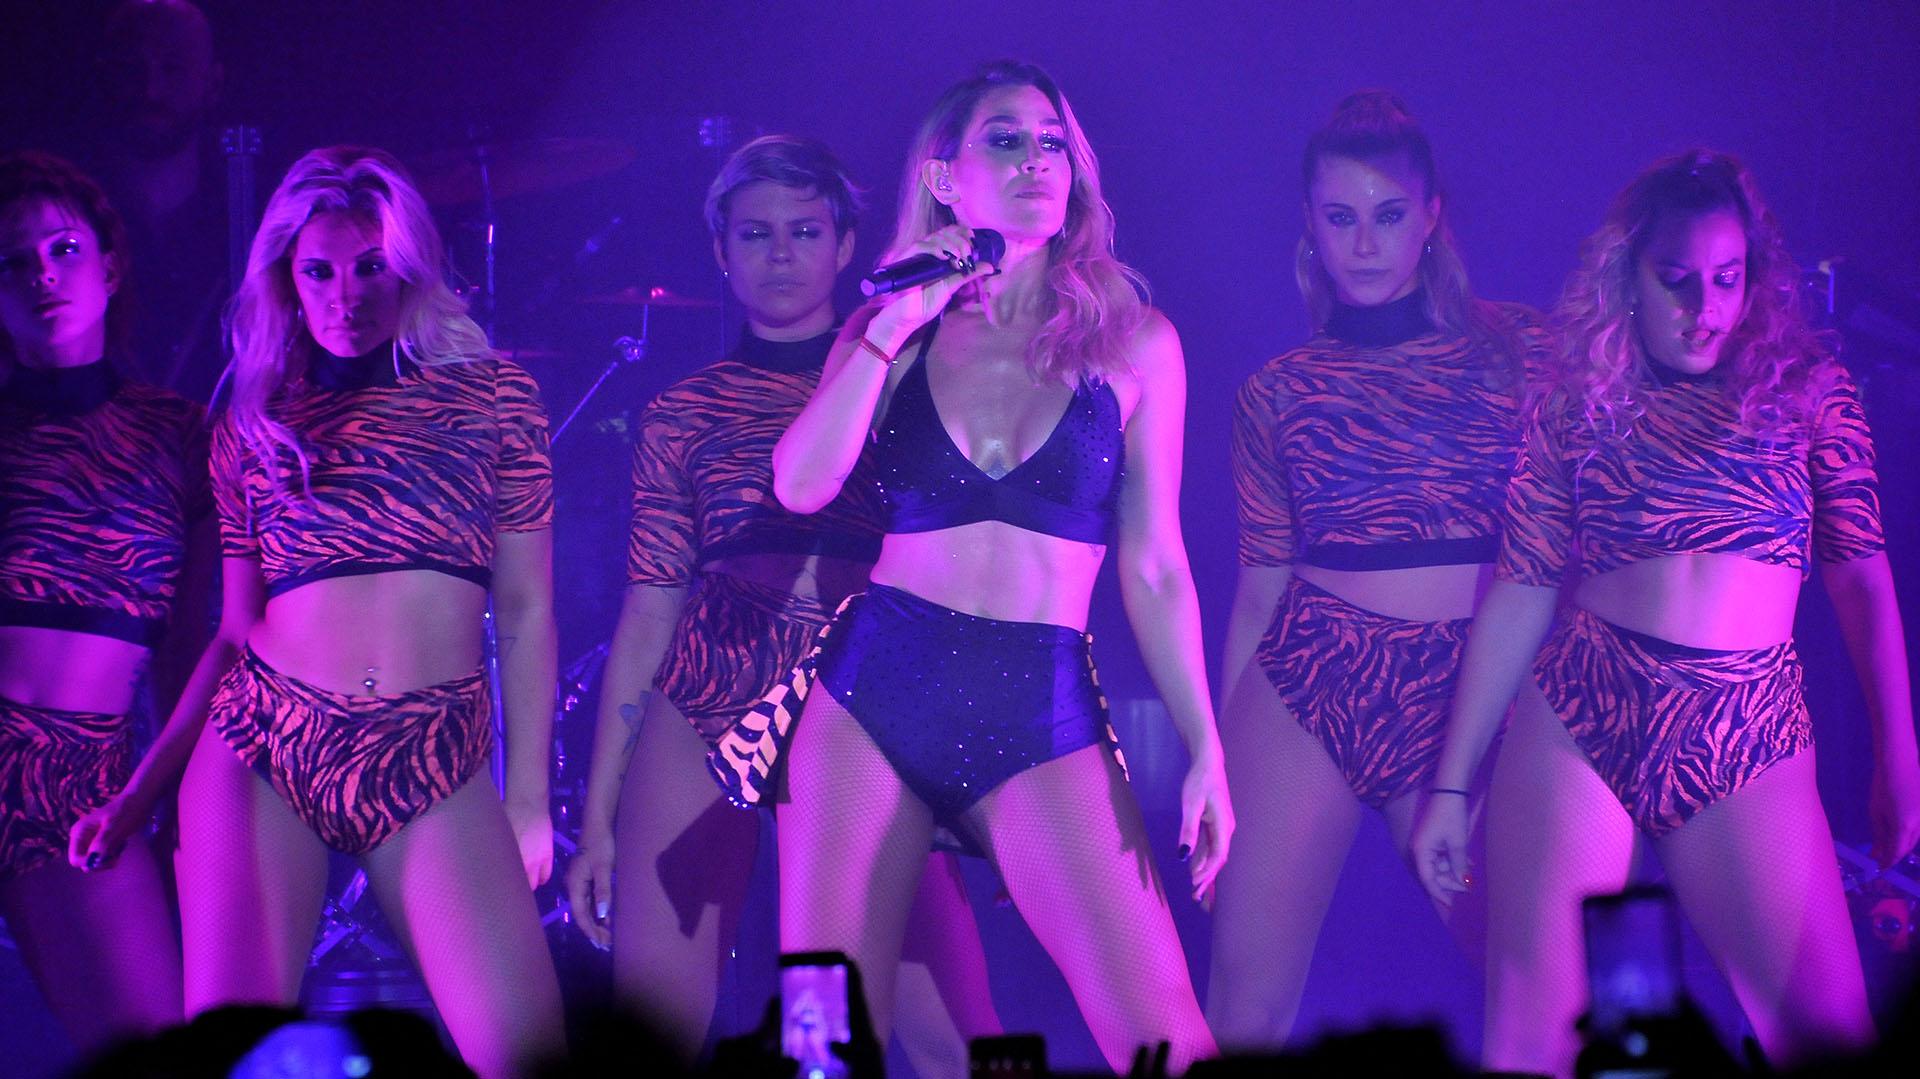 La cantante realizó varios cambios de vestuario a lo largo del show